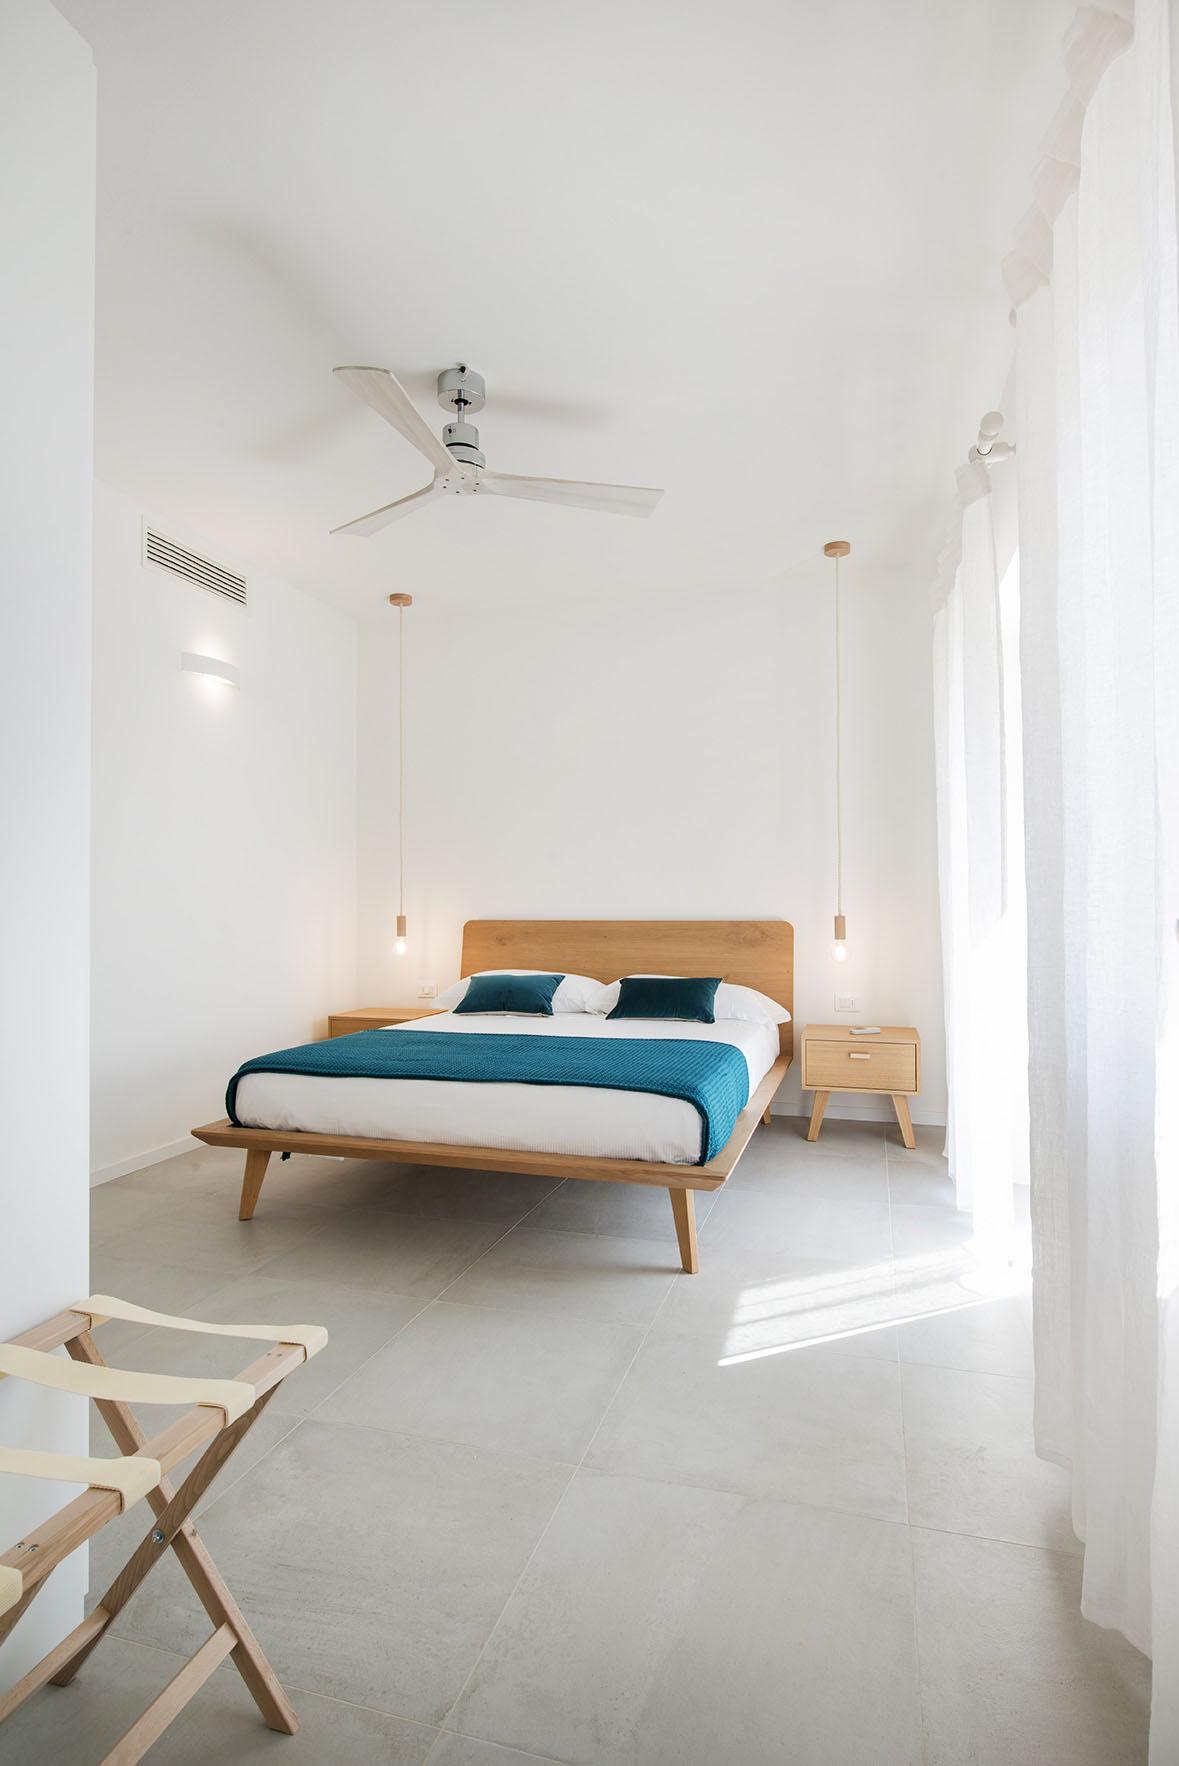 Pendolino - camera - Apartment - Agriturismo GaiaSofia